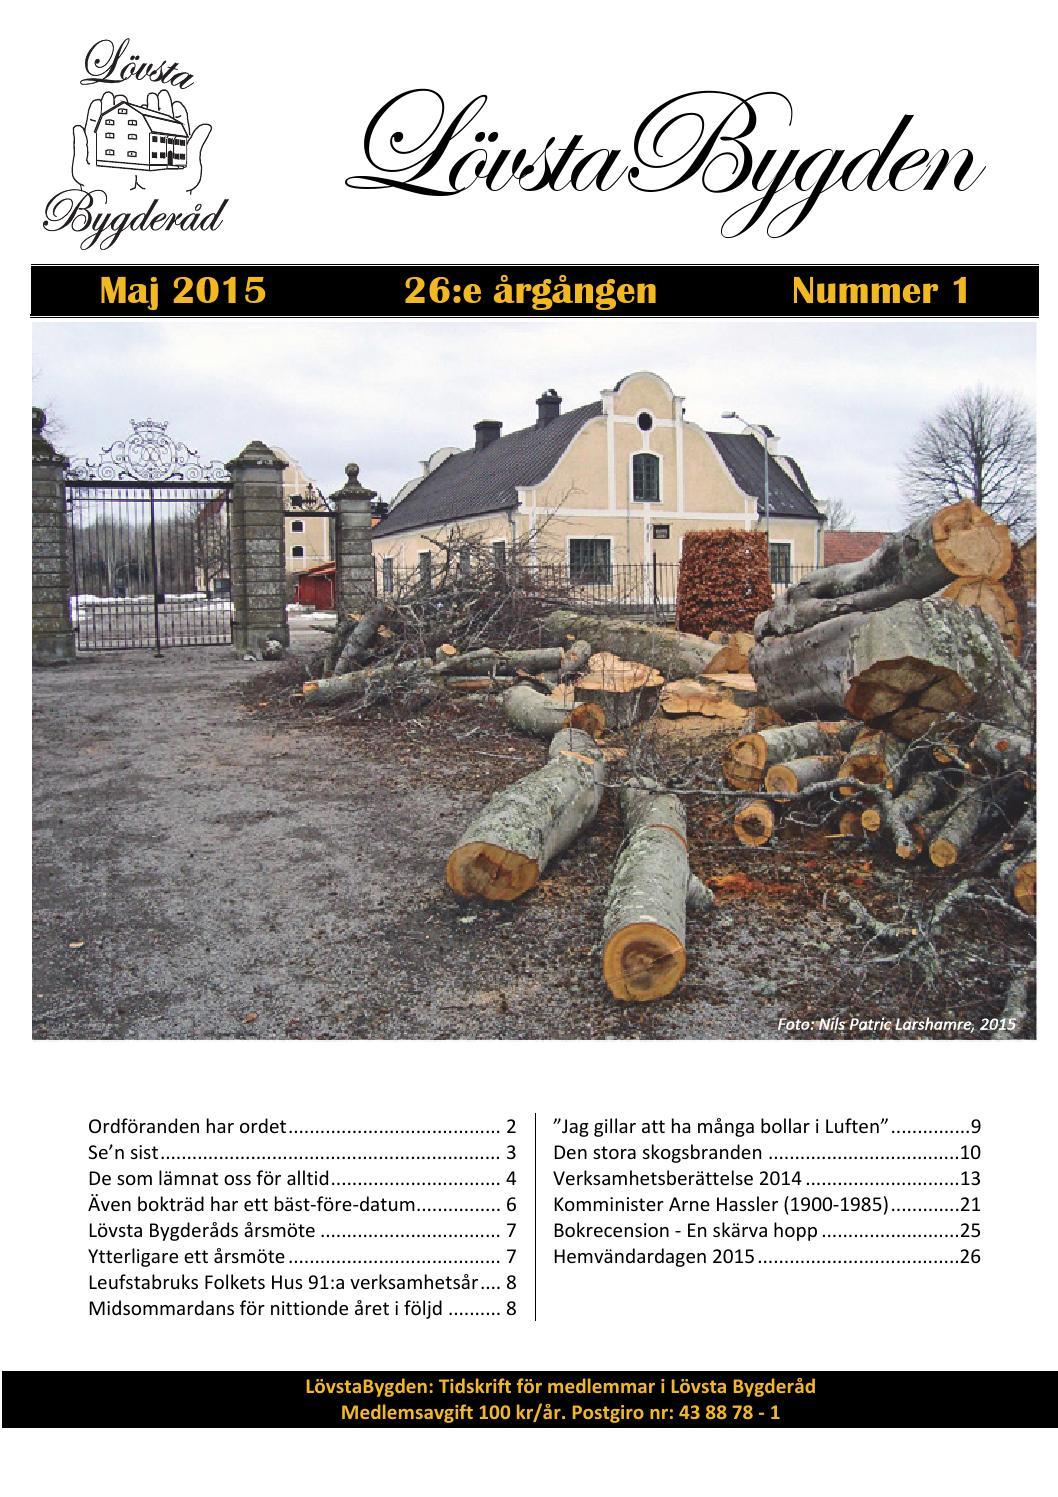 sternge 206 Uppsala ln, Skrplinge - satisfaction-survey.net